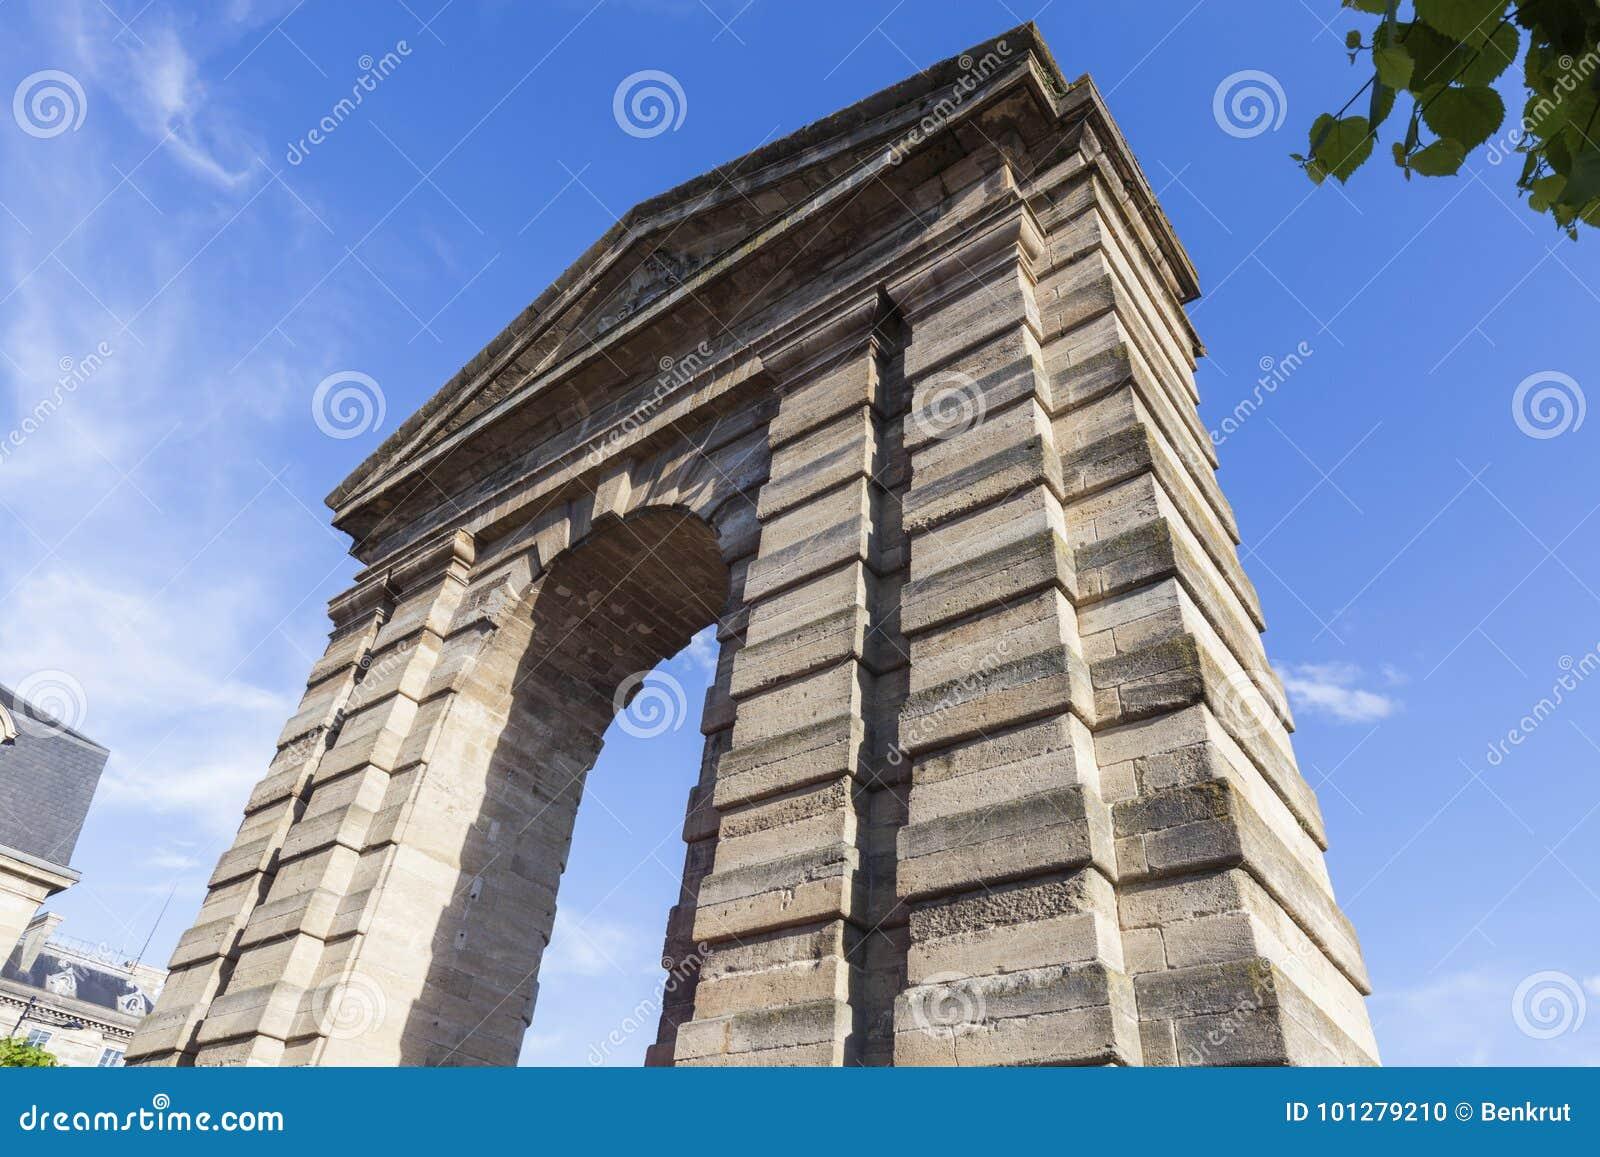 Porte Dijeaux In Bordeaux Stock Photo Image Of Blue 101279210